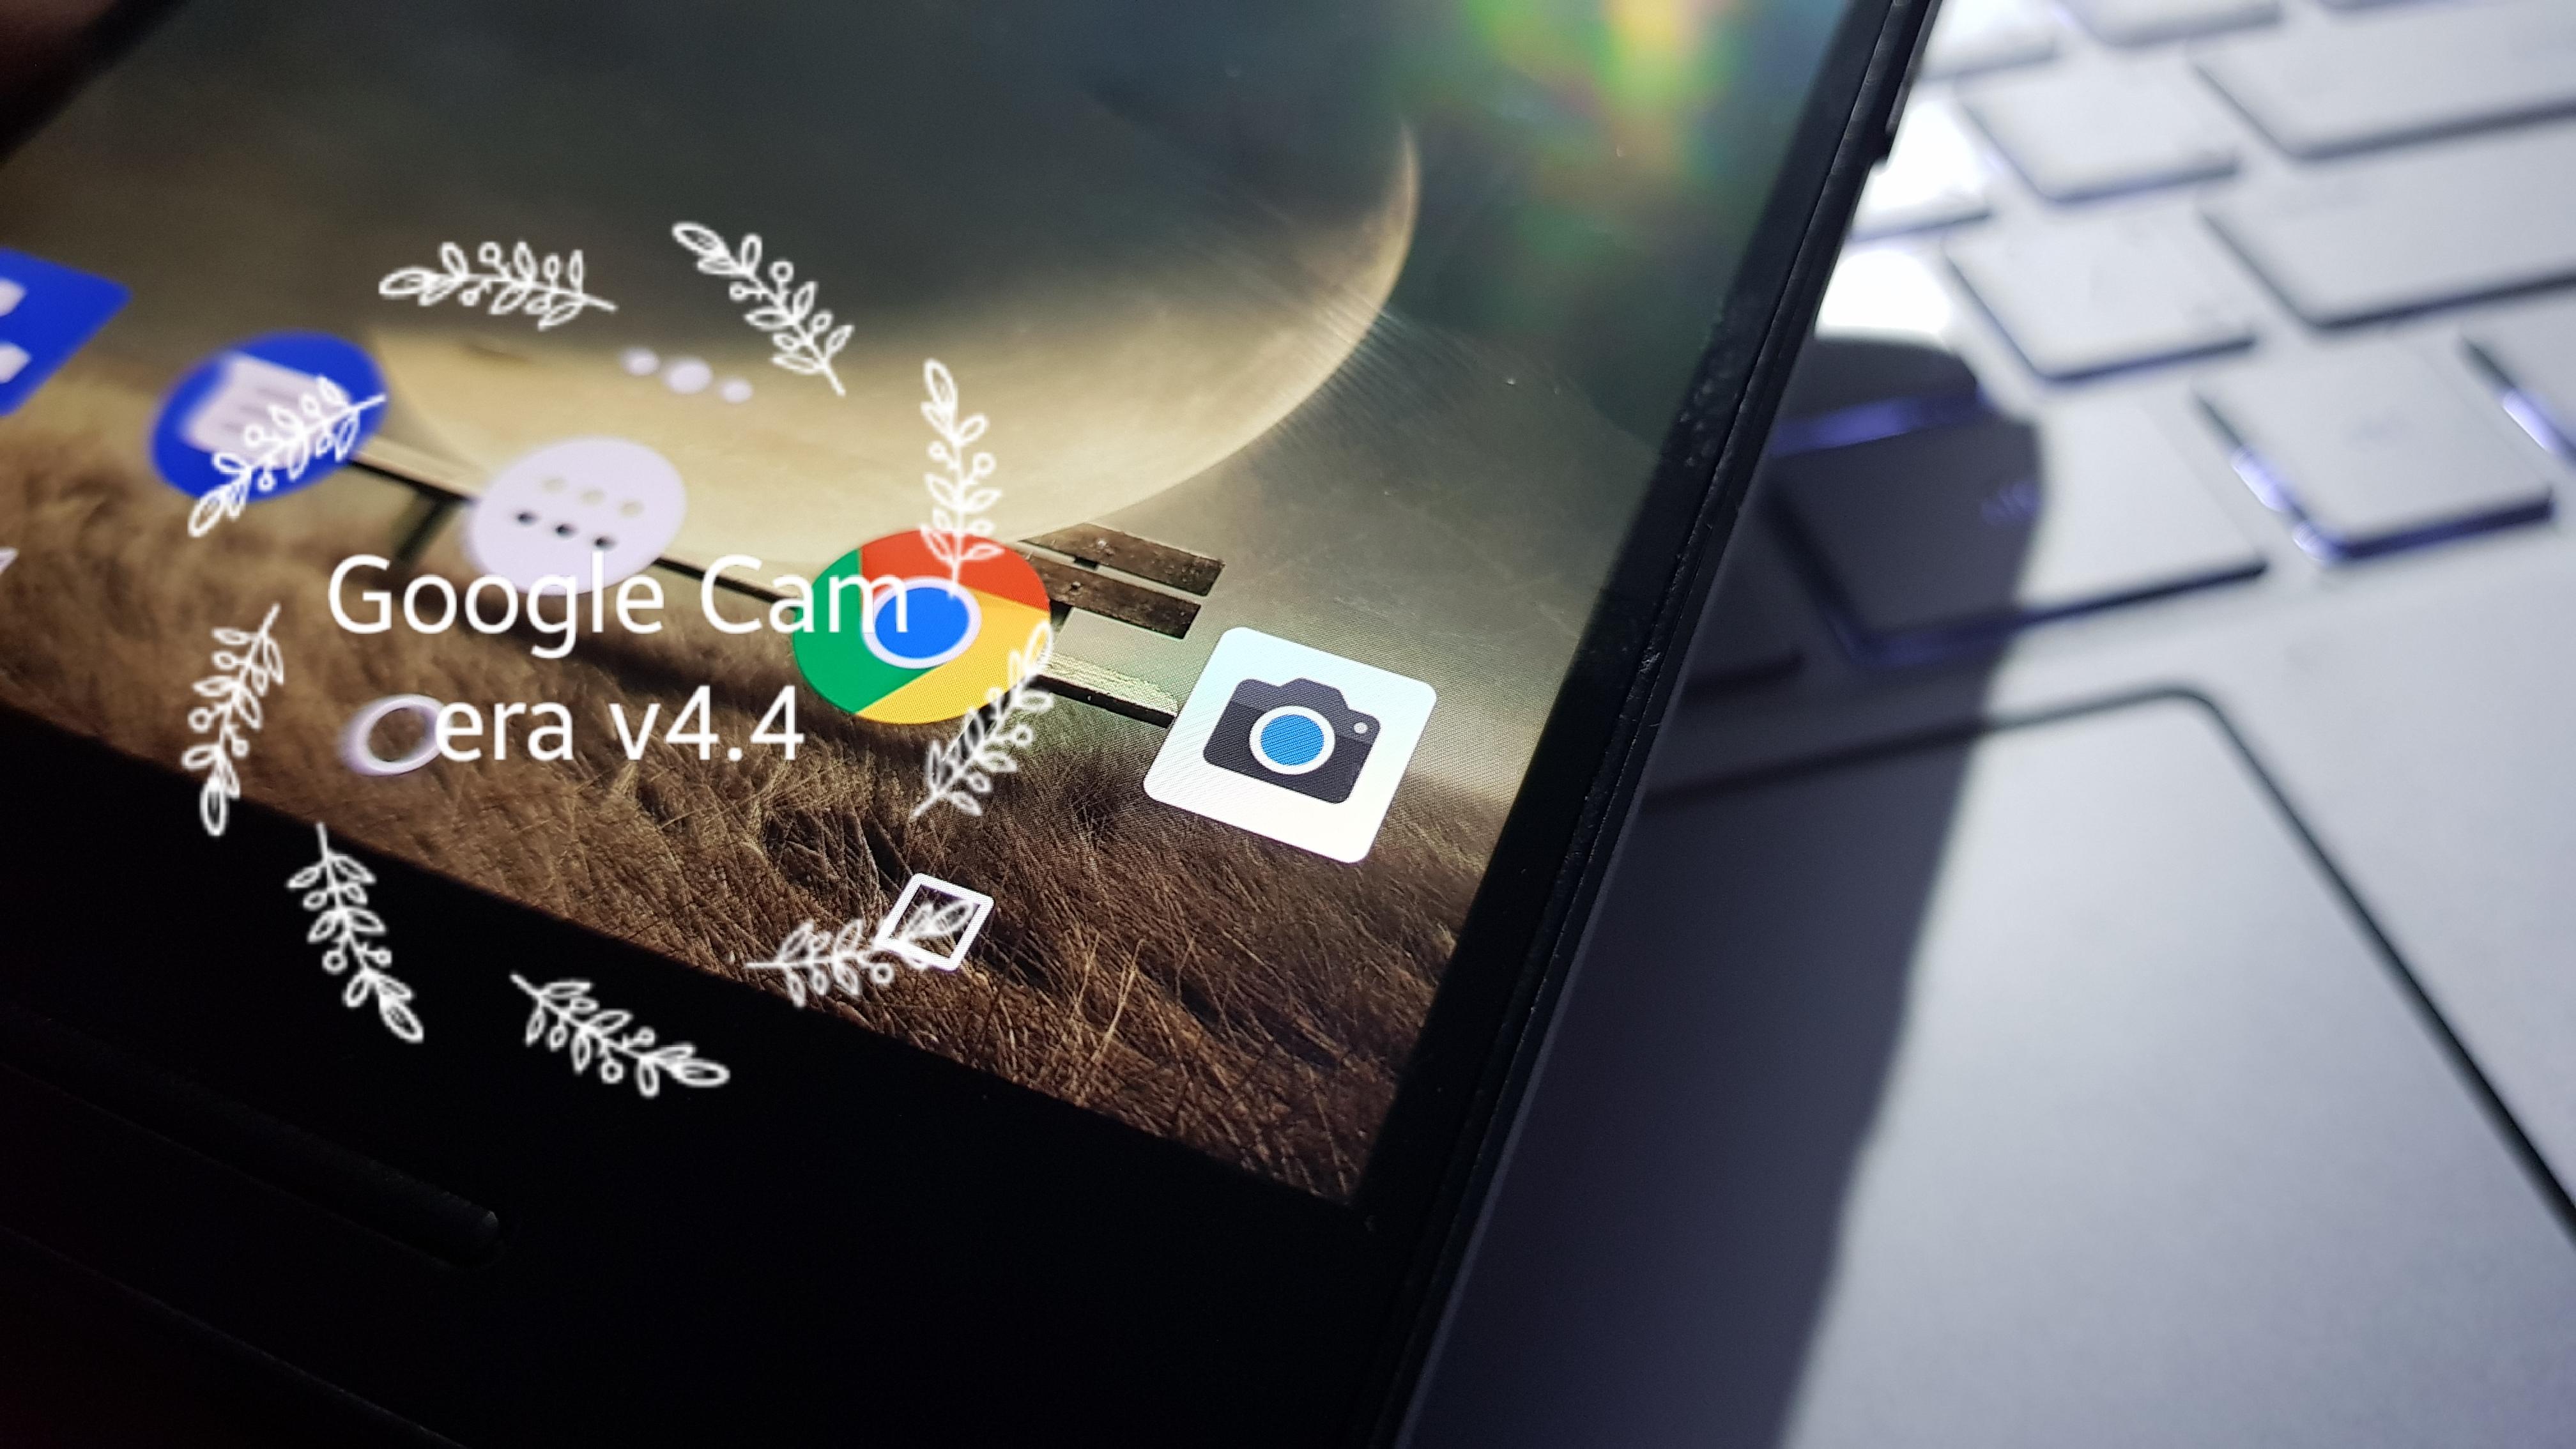 Google-Camera-Android-8-Oreo-v4.4